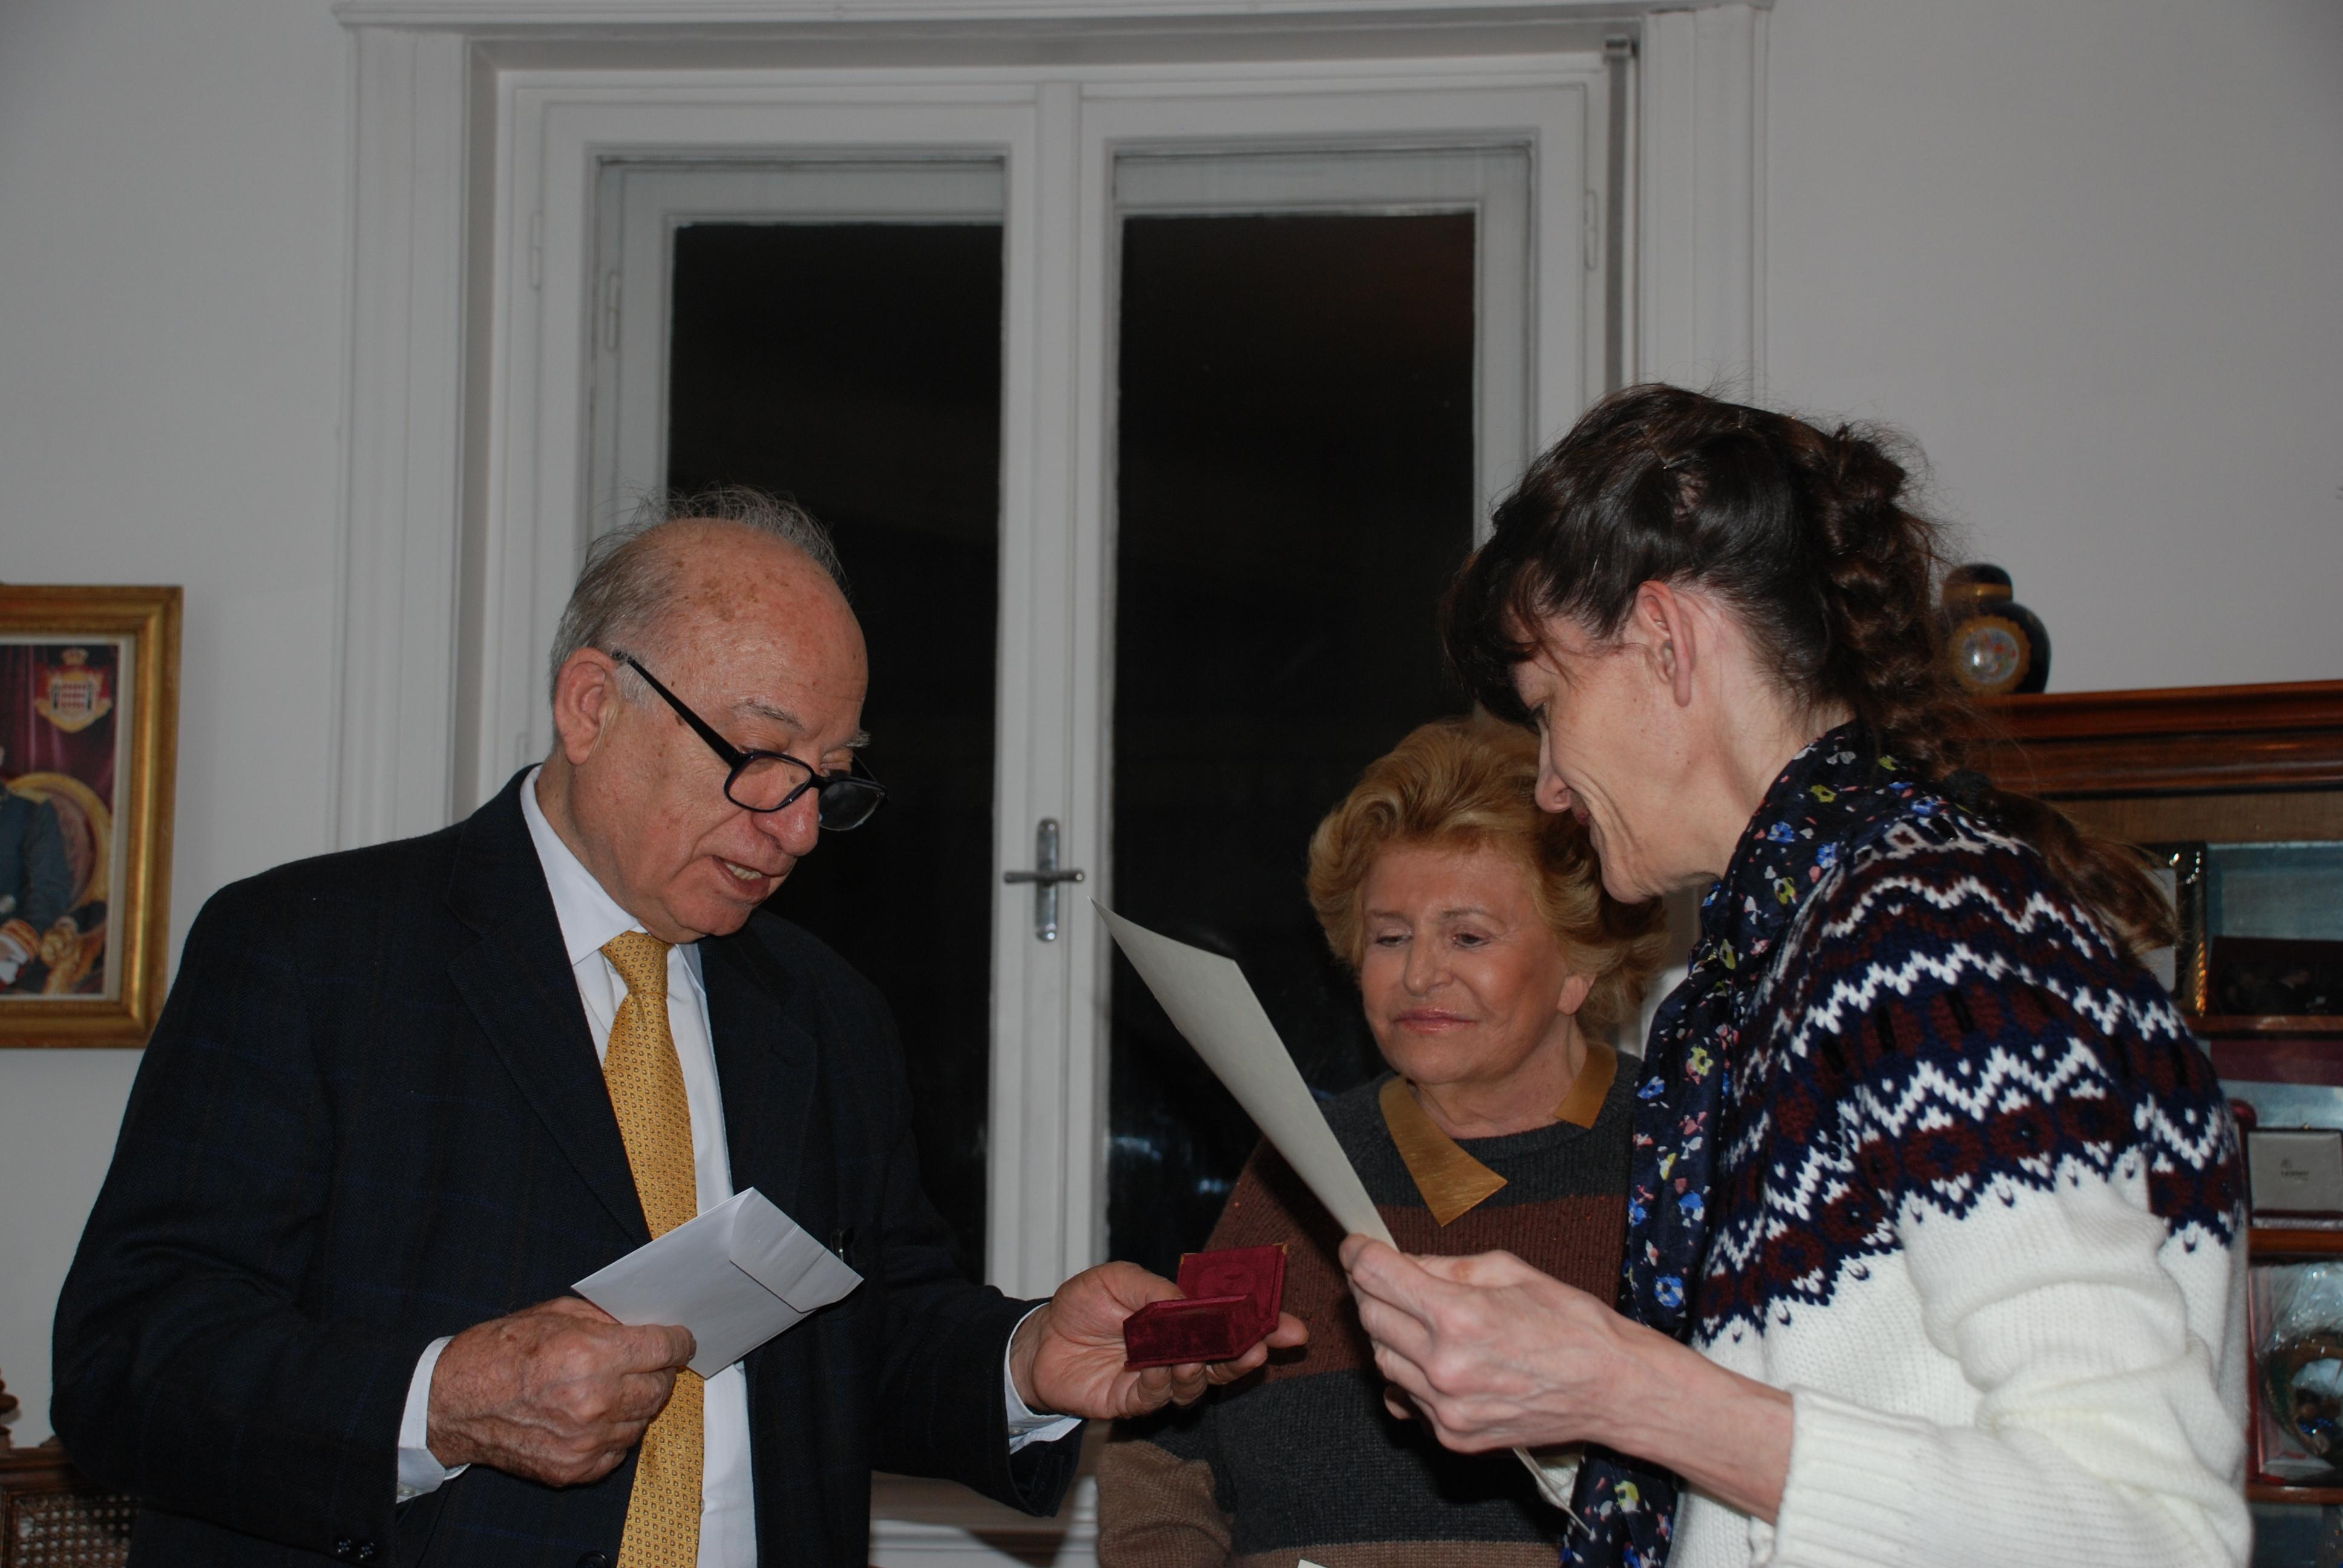 Uno dei cinque premiati della terza linea mentre riceve il premio dalla Marchesa Carignani e dal Dottor Pianciamore.